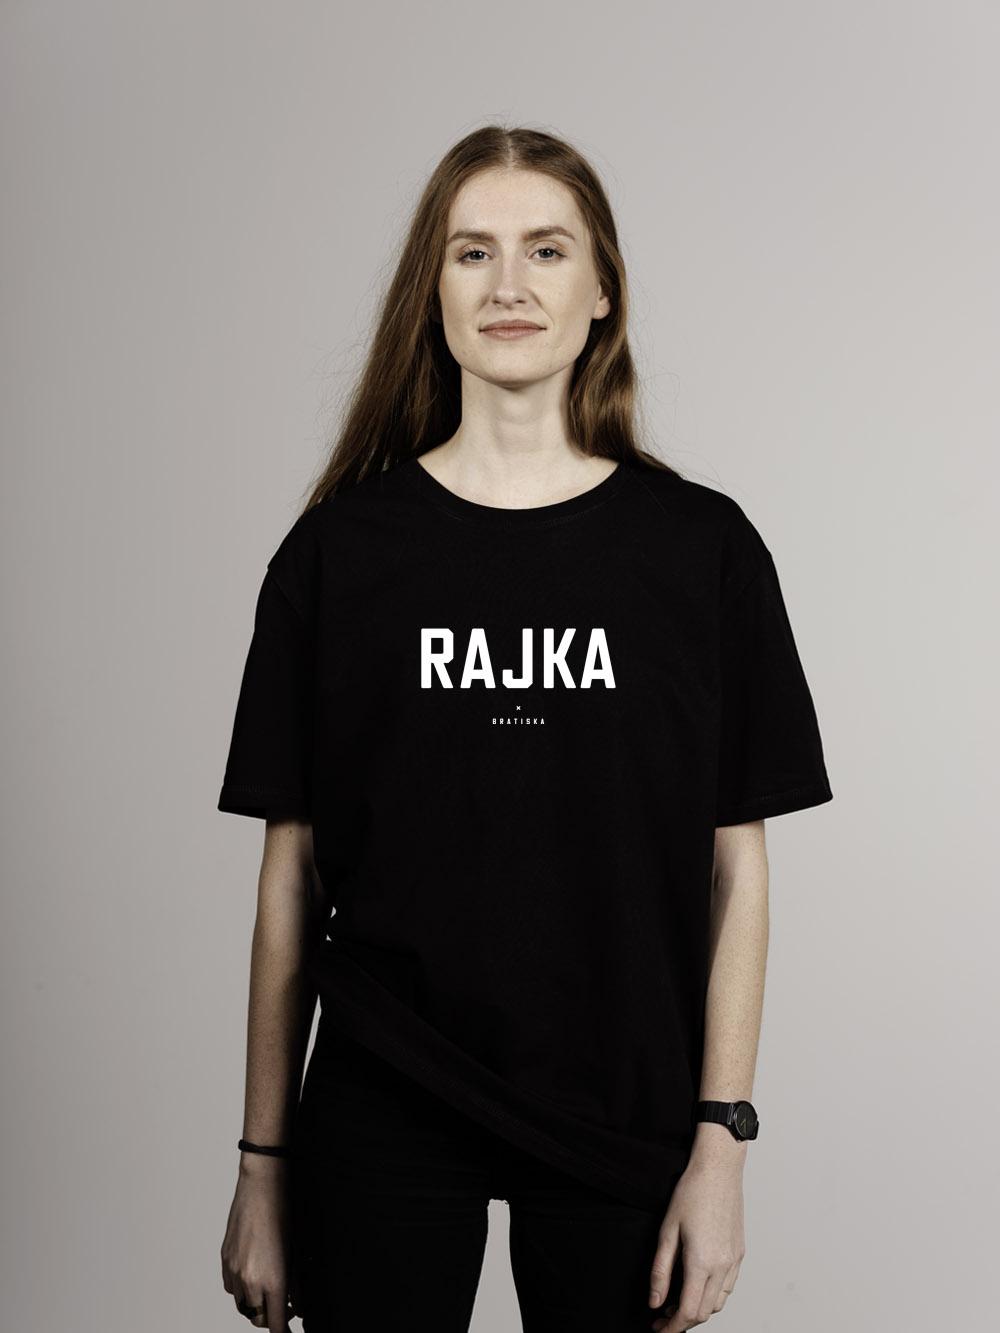 Rajka